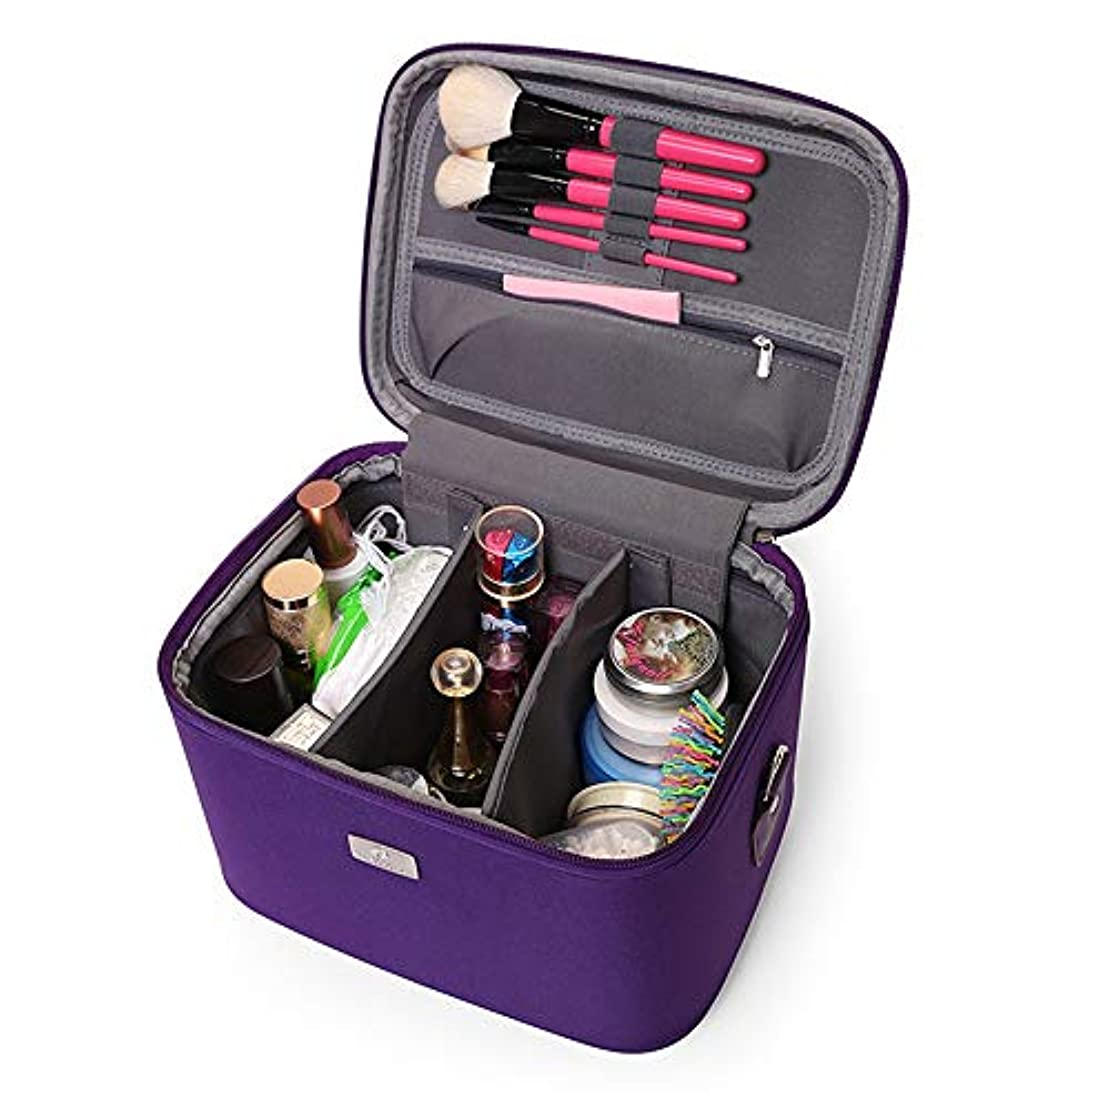 硫黄特定の可動式化粧オーガナイザーバッグ 14インチのメイクアップトラベルバッグPUレター防水化粧ケースのティーン女の子の女性アーティスト 化粧品ケース (色 : 紫の)